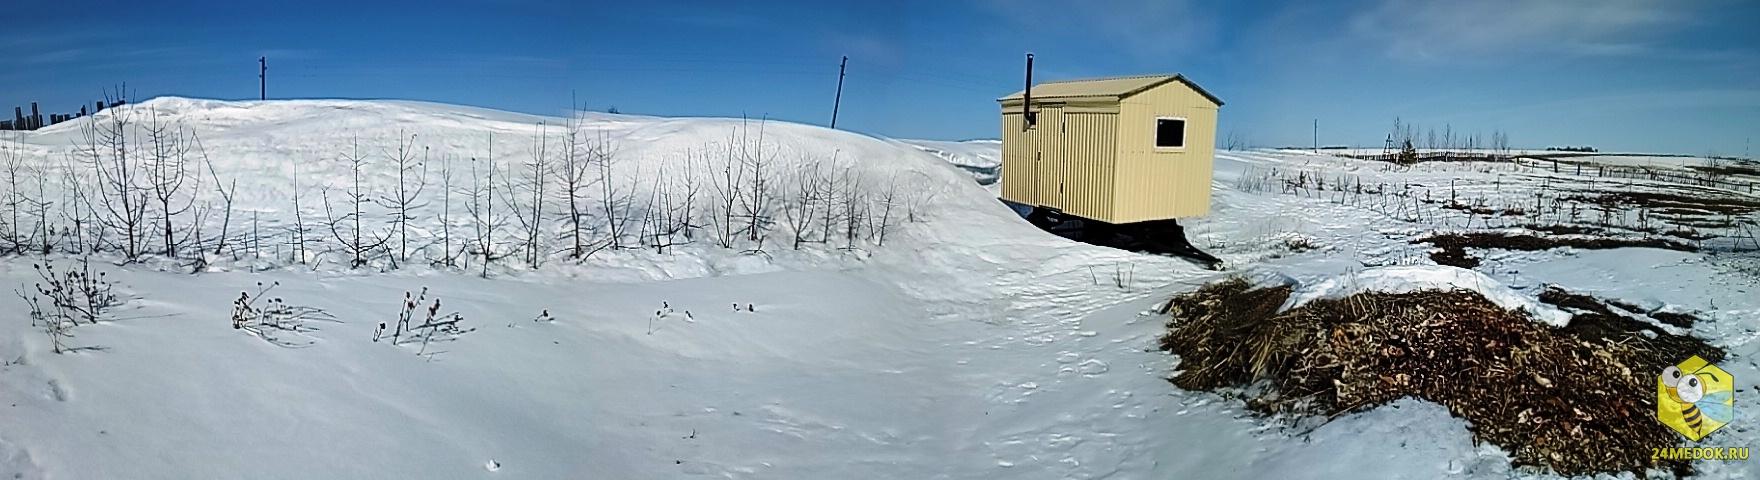 Снег побоялся вагона :)